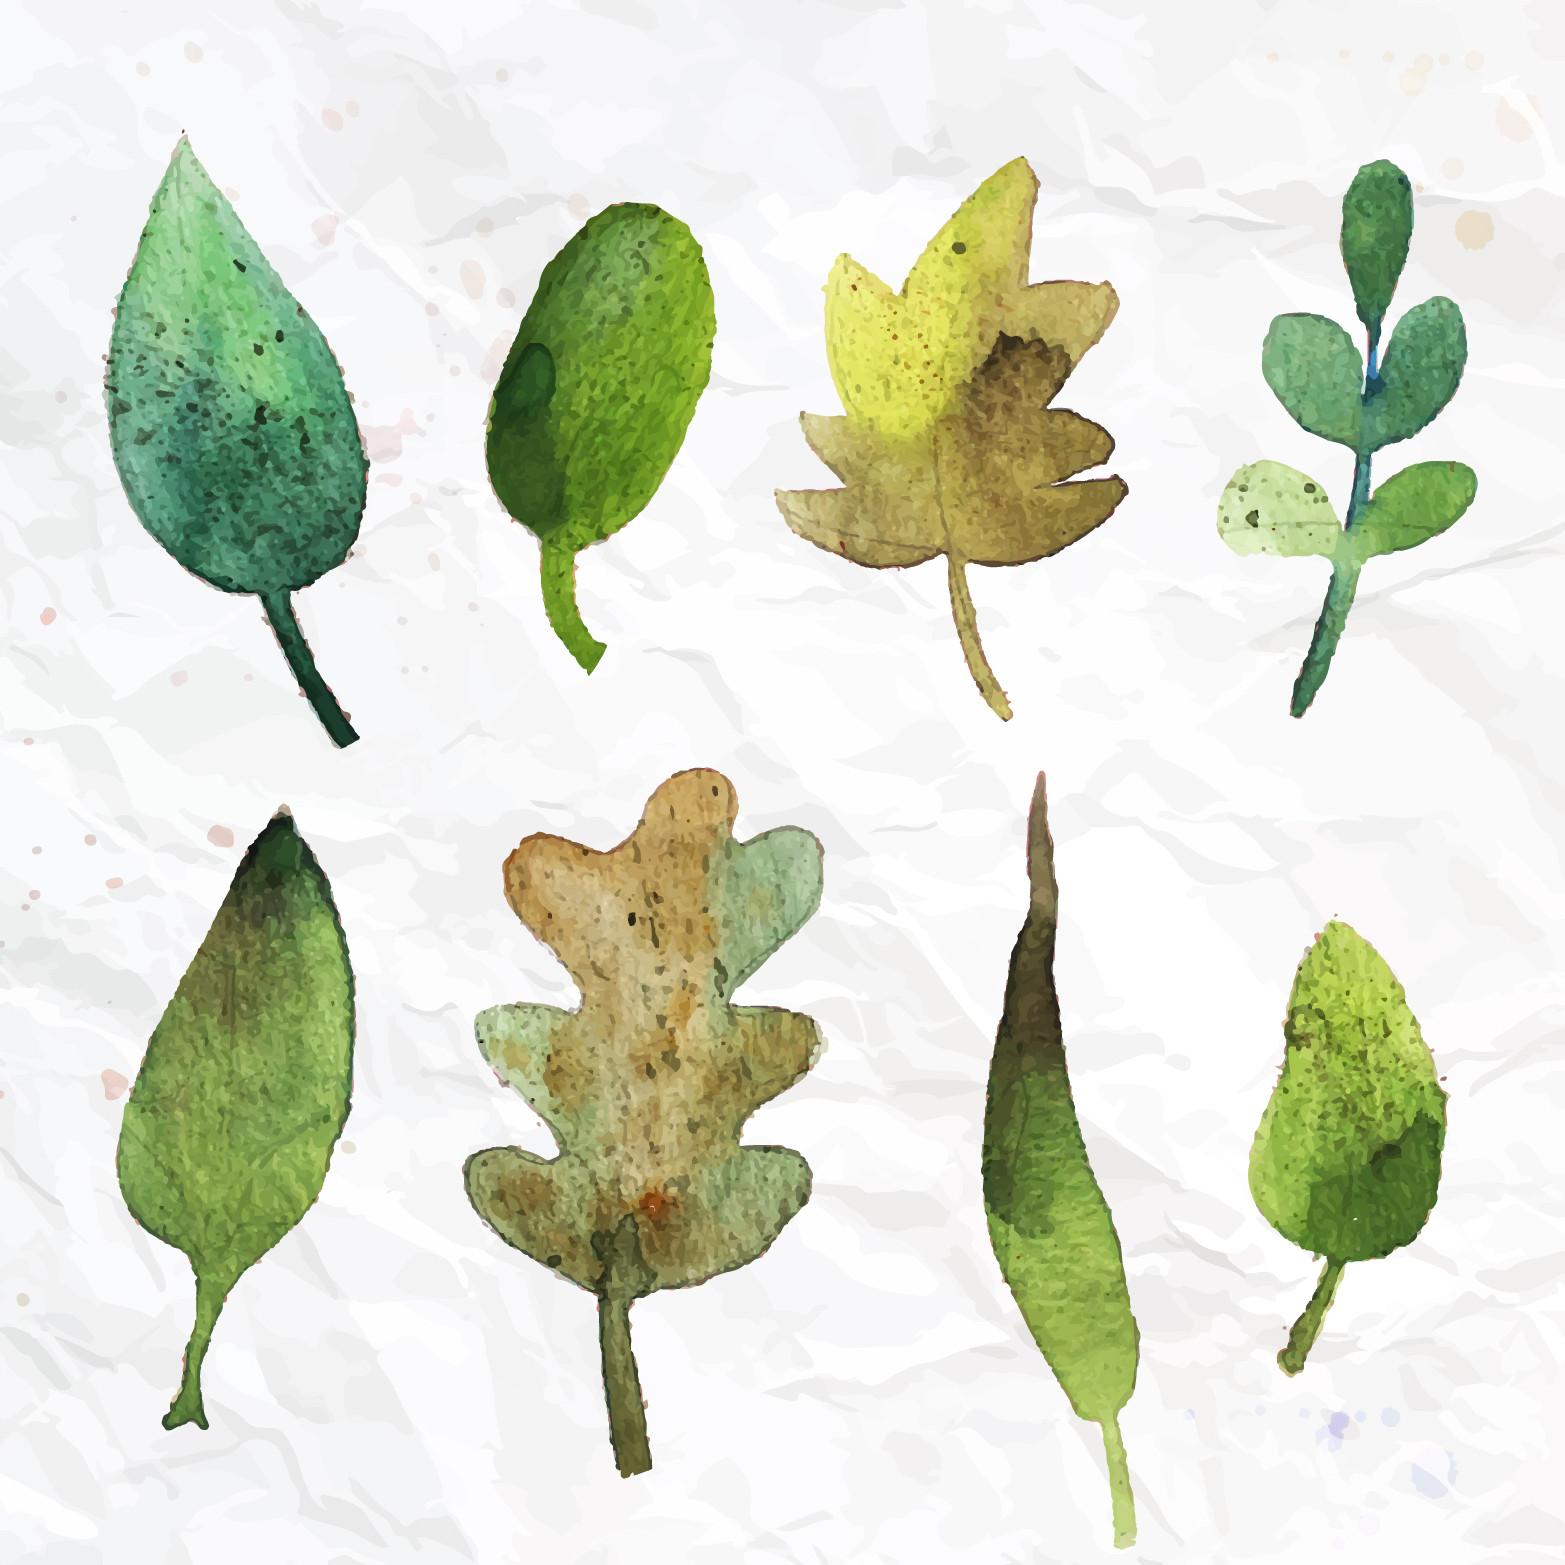 背景 壁纸 绿色 绿叶 设计 矢量 矢量图 树叶 素材 植物 桌面 1565